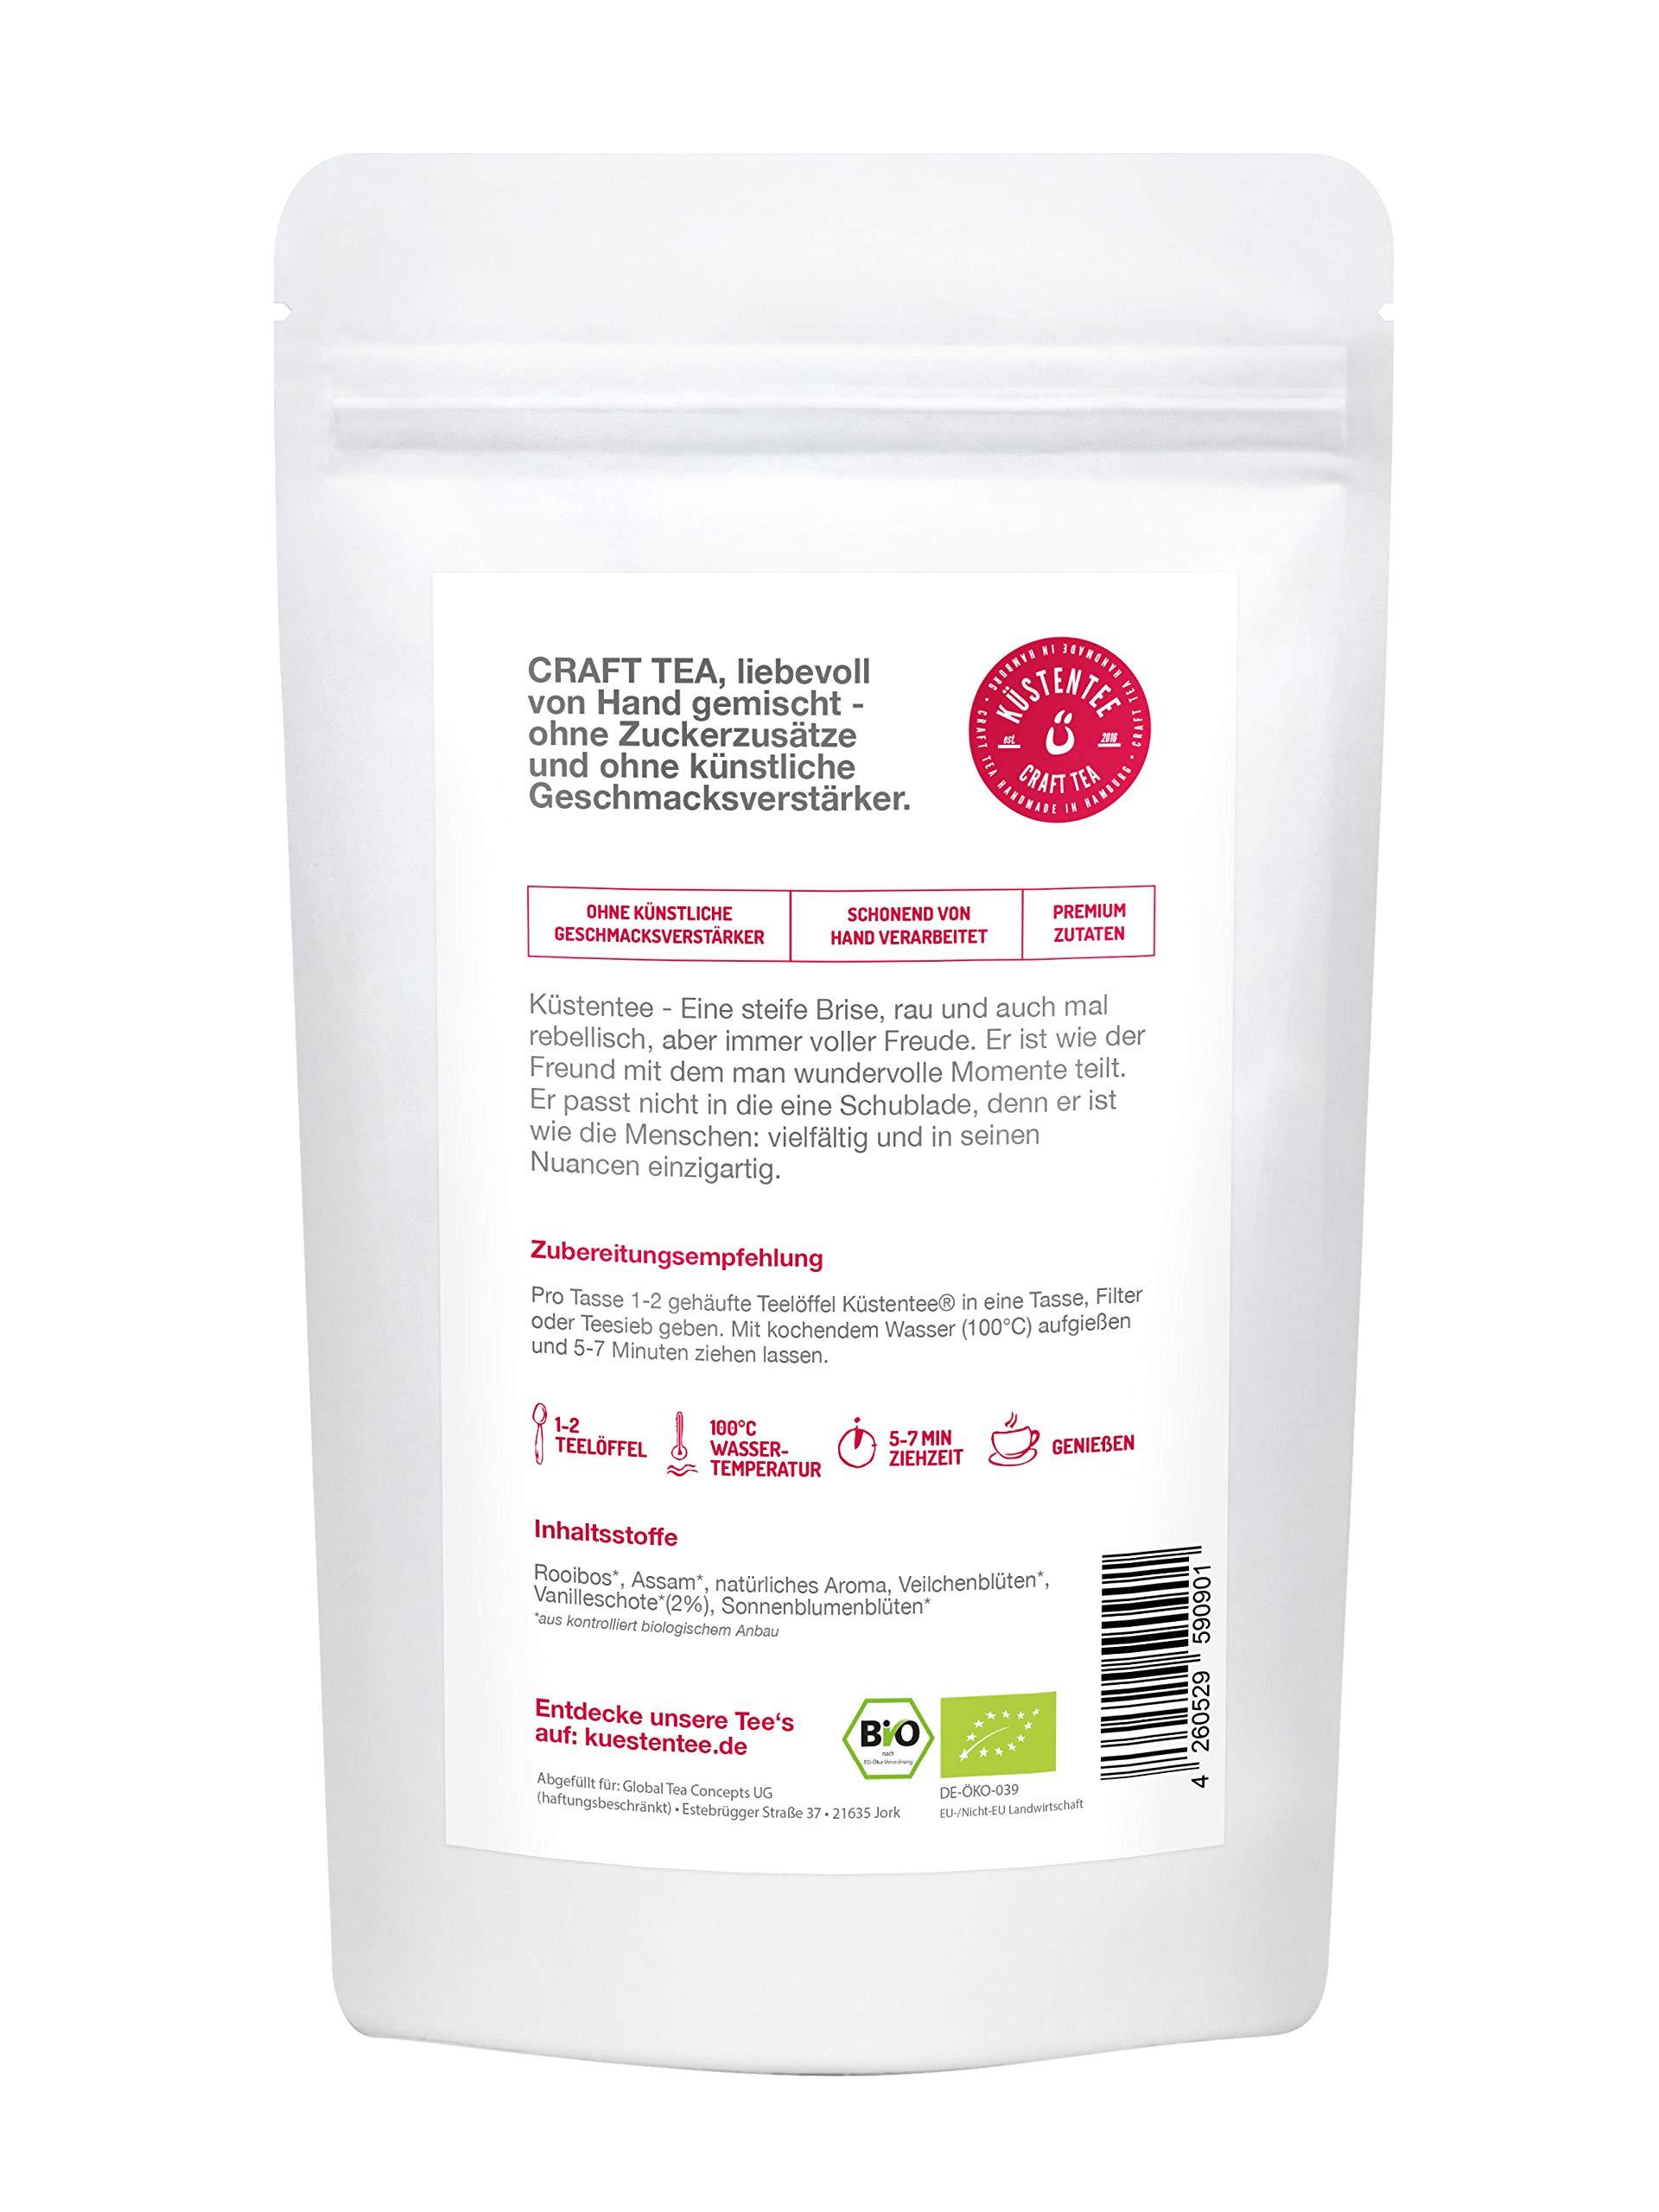 BIO-Rooibos-Rotbusch-Tee-Vanille-ruhepol–mit-echten-Vanillestcken-und-Sonnenblumenblten-aus-Sdafrika-90g-Premium-Tee-aus-der-deutschen-Kstentee-Manufaktur